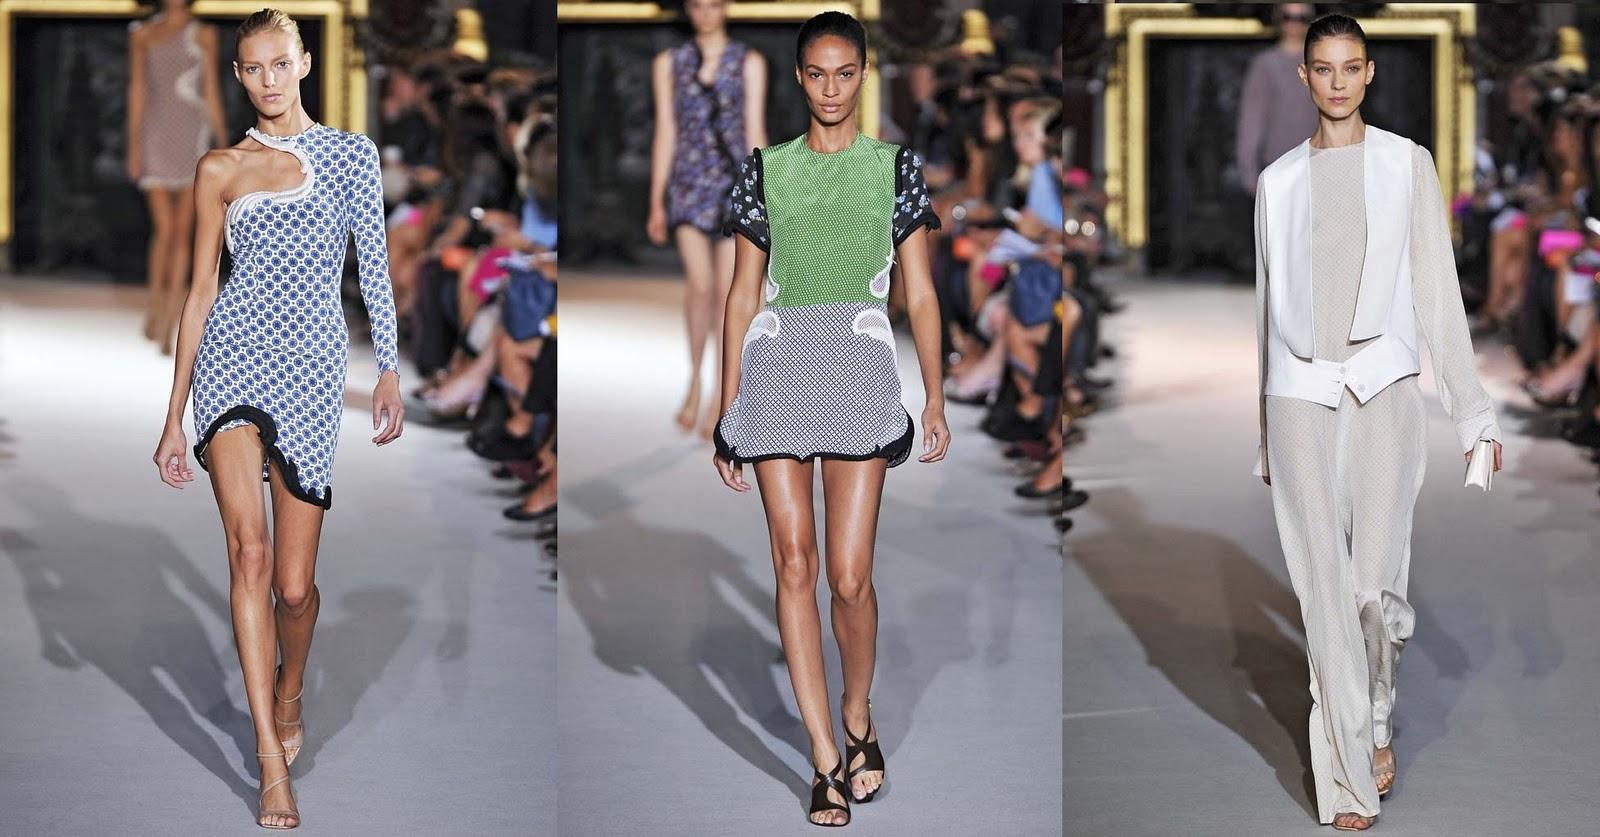 http://2.bp.blogspot.com/-68UQ_uiqNI0/To5Q0YaUb2I/AAAAAAAAAn8/2agl7O5wHXY/s1600/Stella+mccartney.jpg